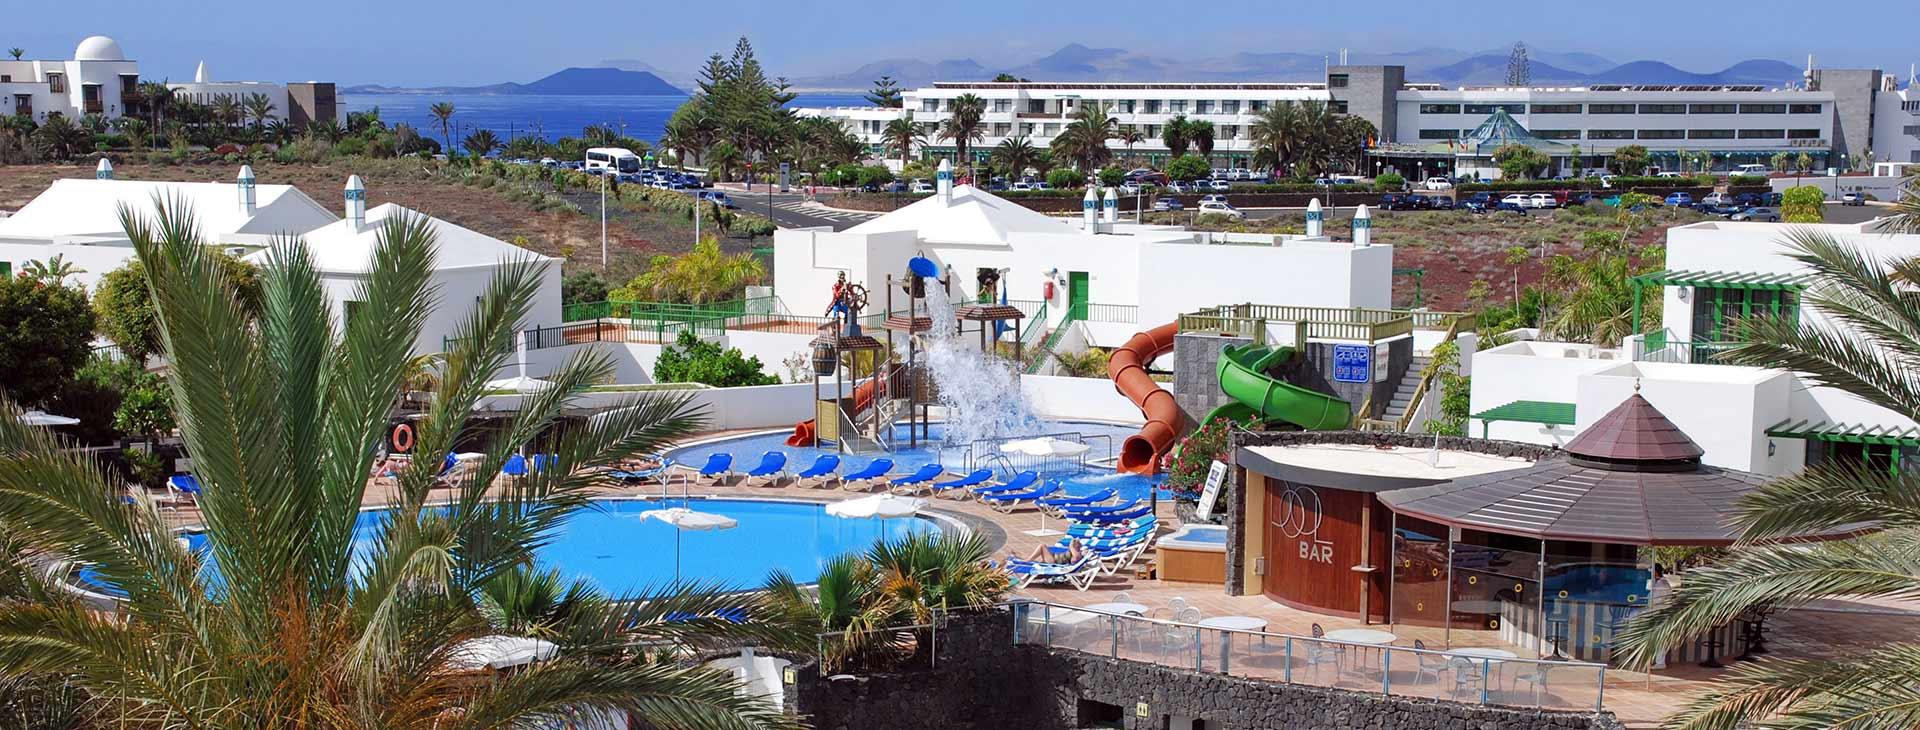 Cay Beach Sun Hiszpania Lanzarote